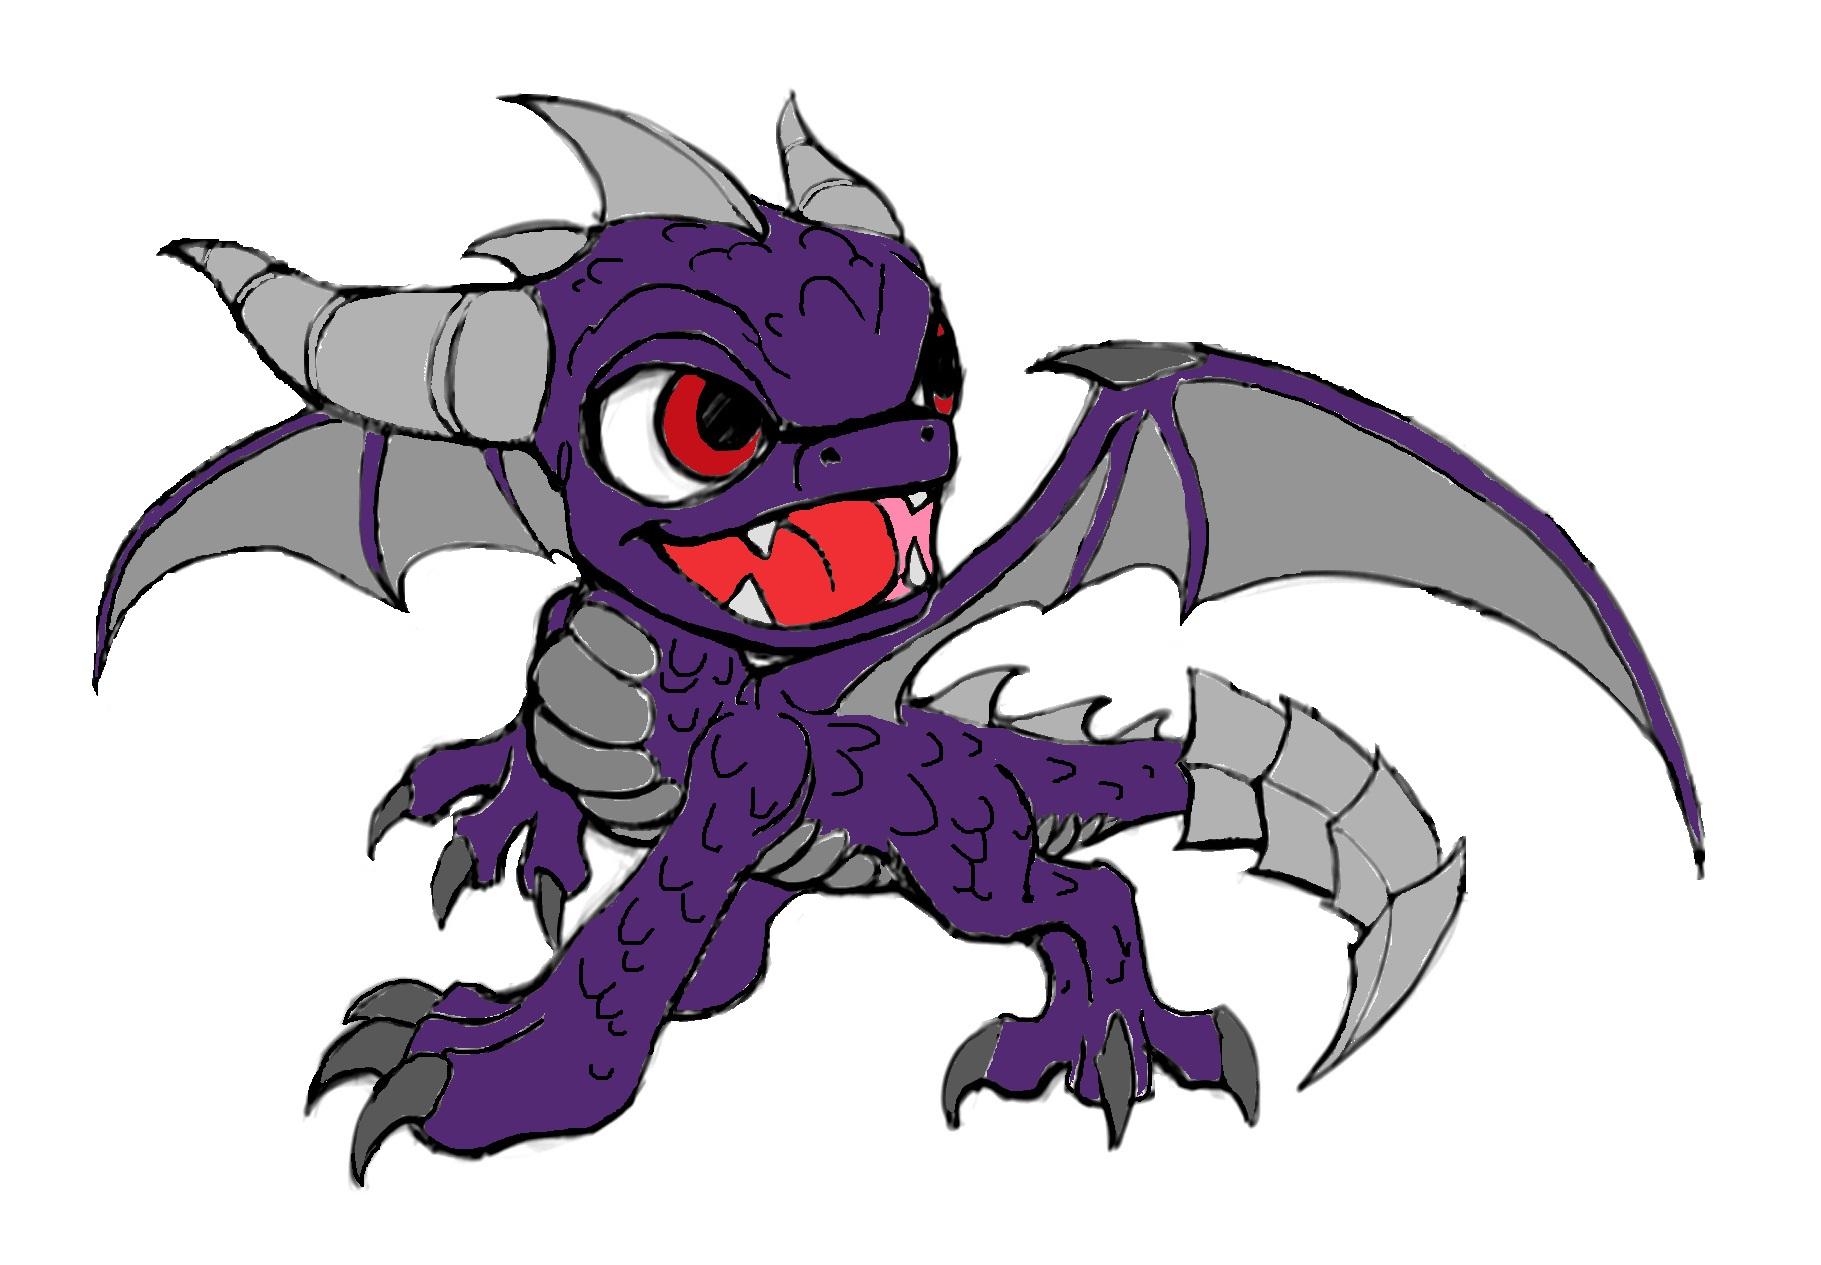 This Day Spyro Vs Dark Spyro: Dark Spyro By SkylertTH On DeviantArt